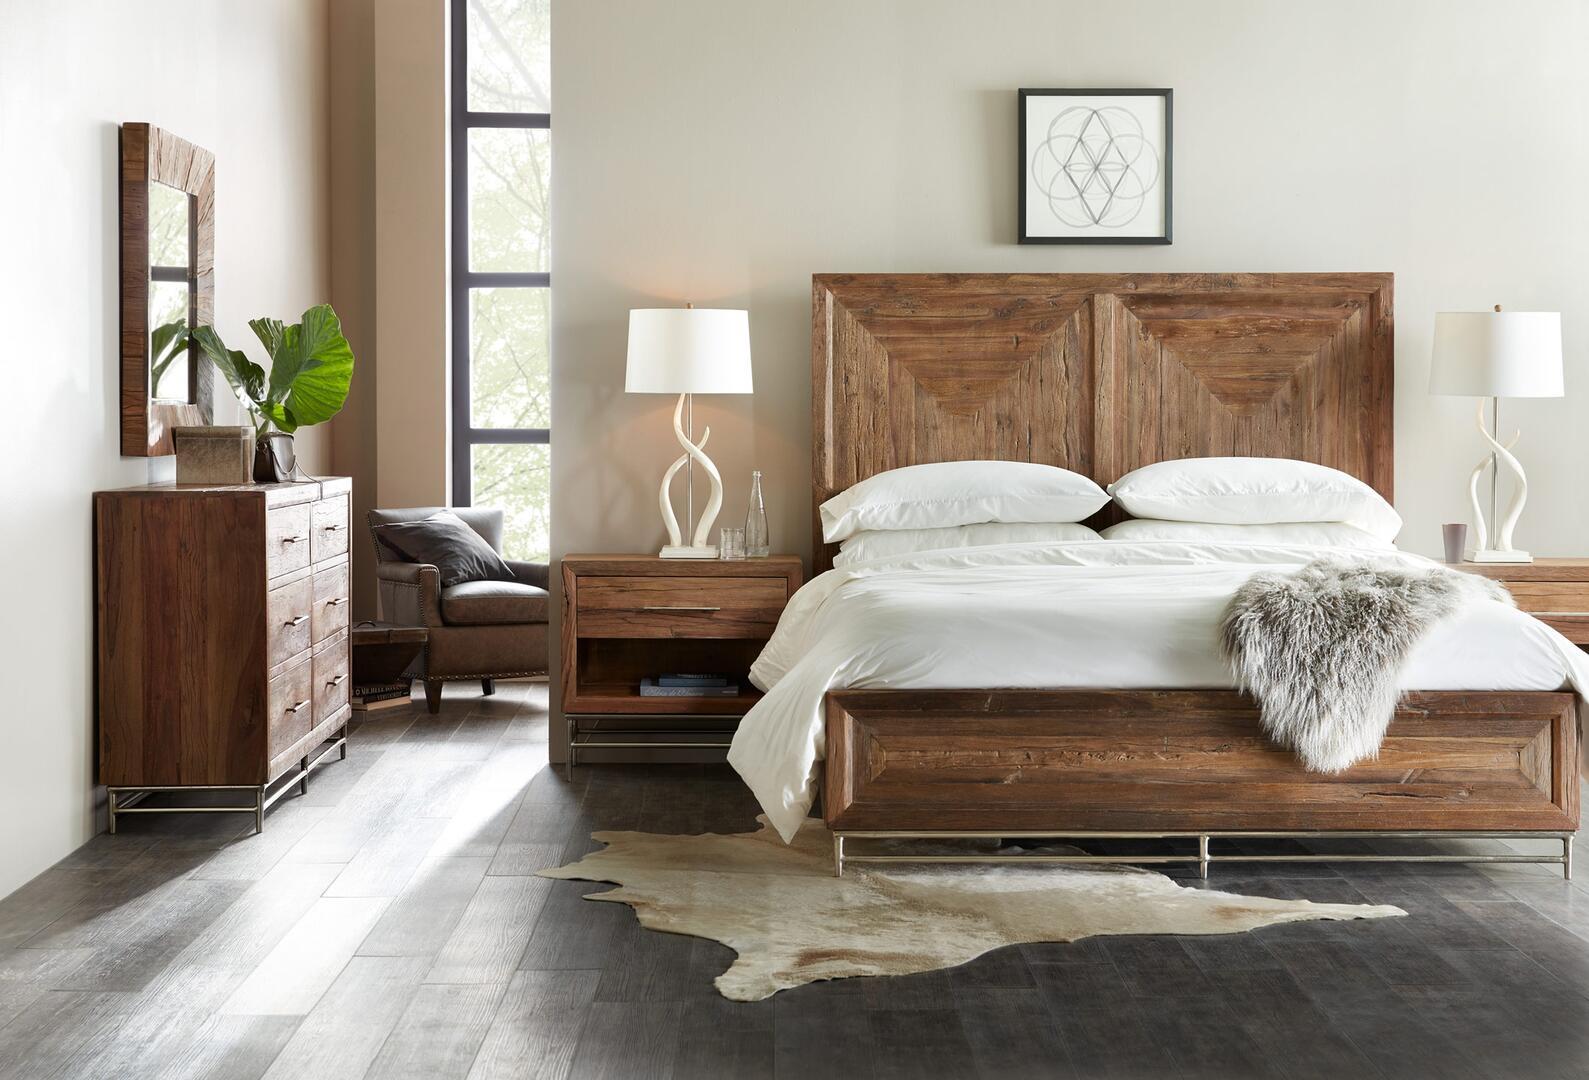 Hooker Furniture Lusine 4 Piece King Size Bedroom Set